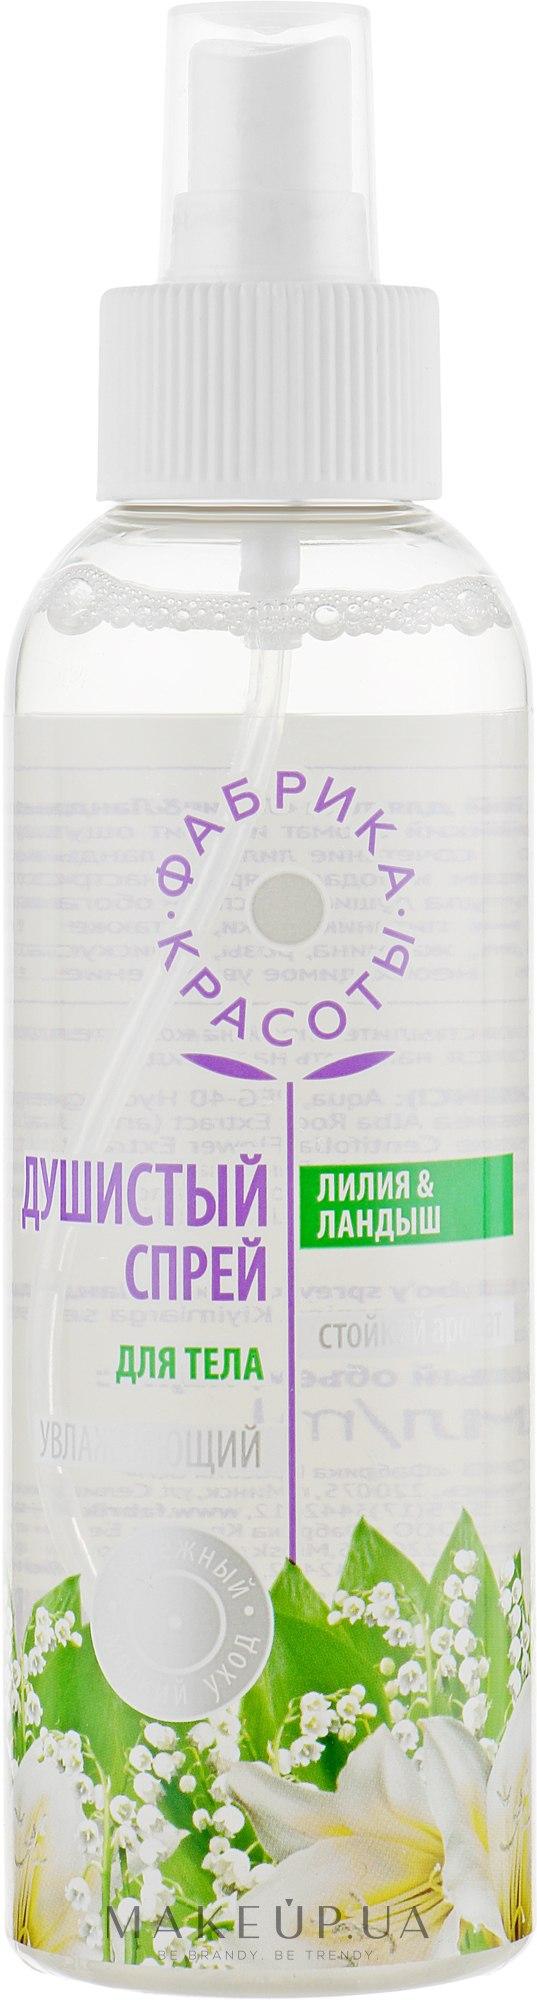 """Душистый спрей для тела """"Лилия & Ландыш"""" - Фабрика красоты — фото 200ml"""